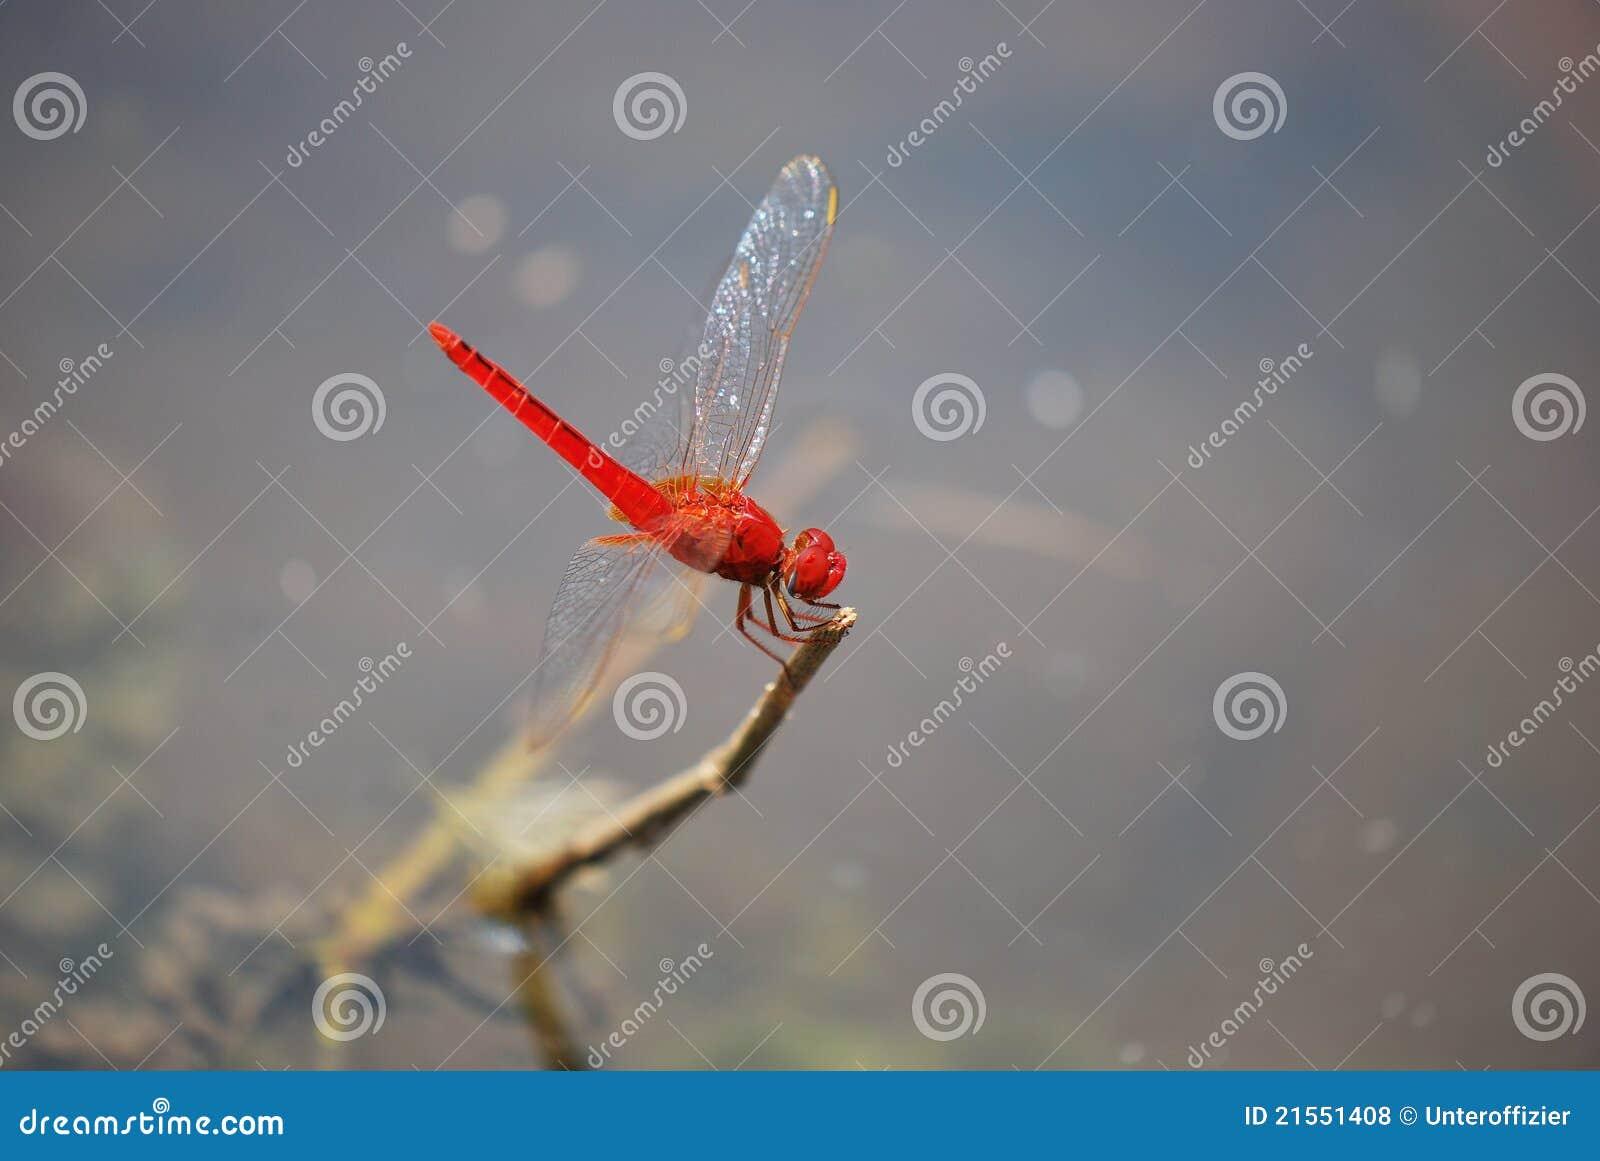 Libélula vermelha